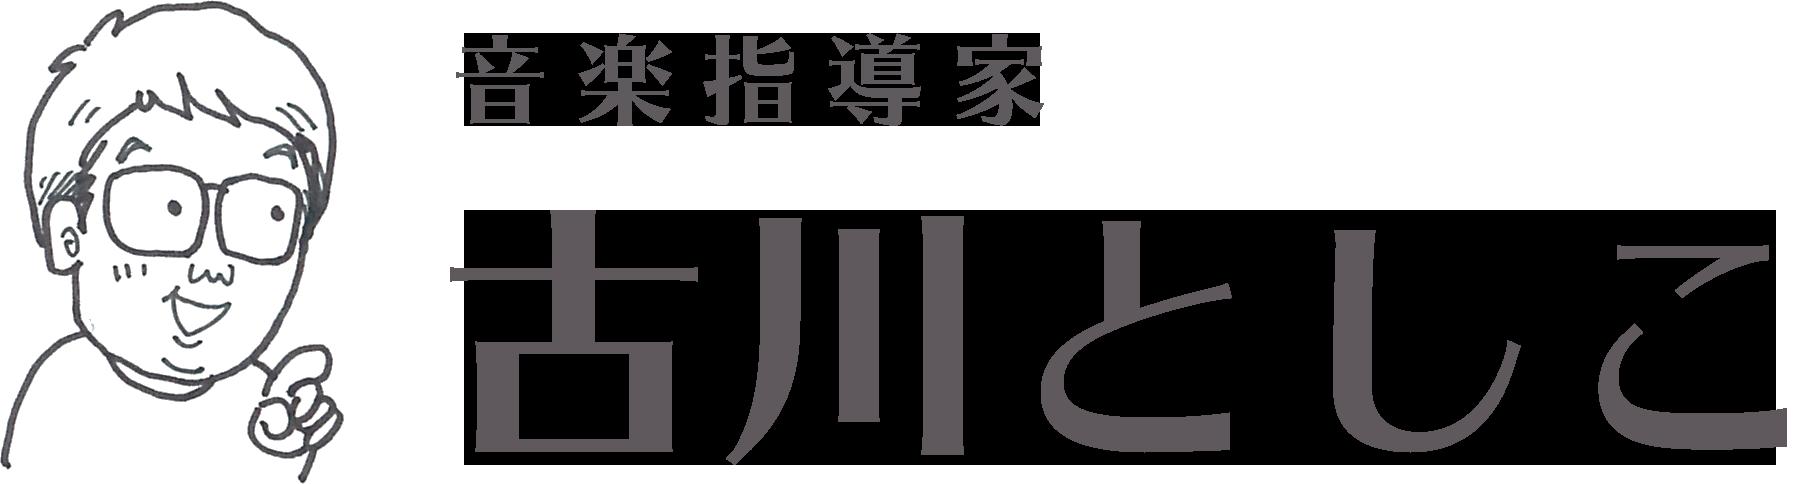 音楽指導家 古川としこ